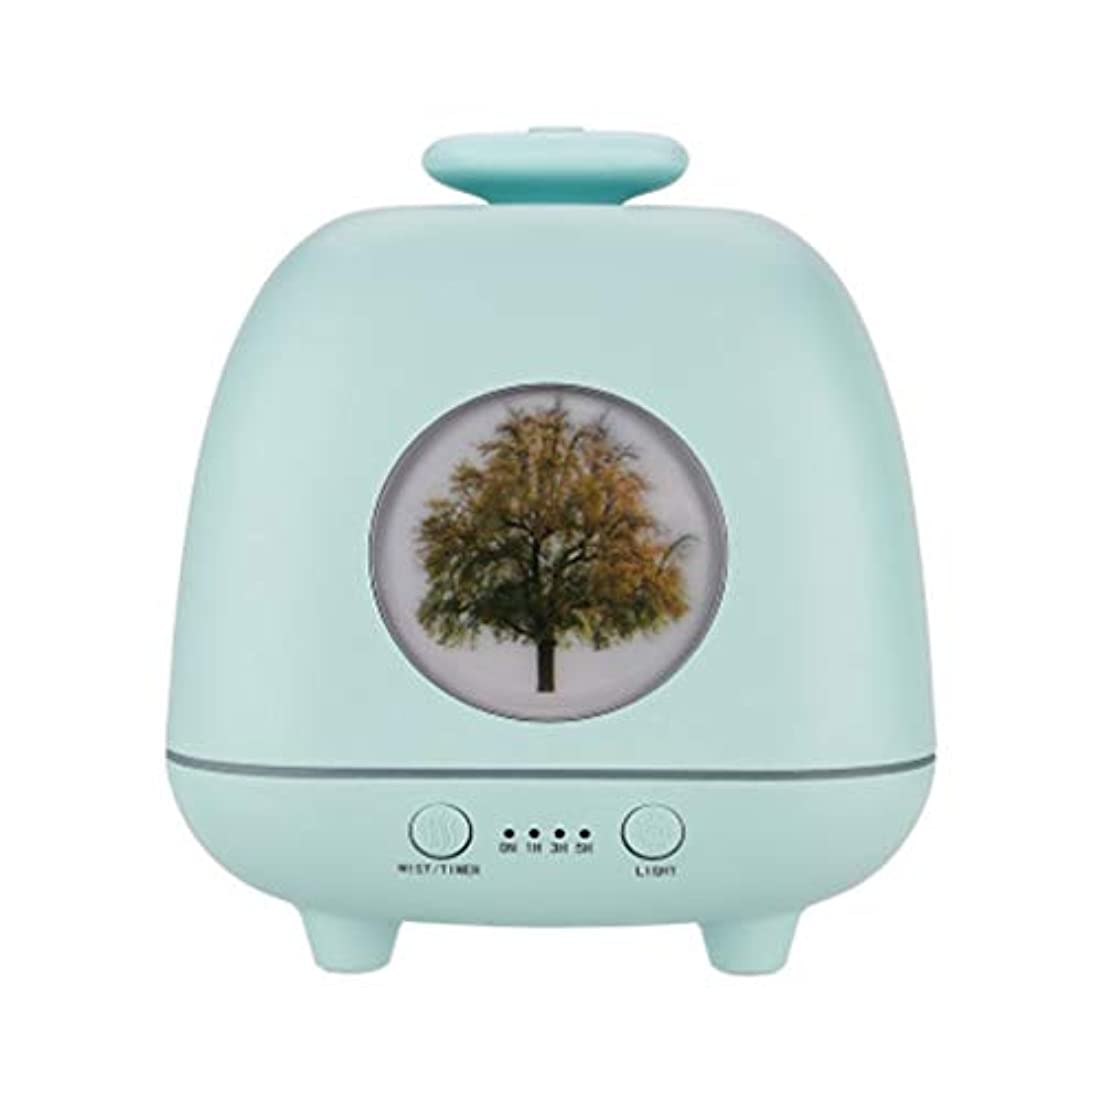 苦情文句夜明け後者超音波ホームデスクトップクリエイティブ雰囲気ナイトライト加湿器寝室の赤ちゃん女性の家の装飾 (Color : Green)